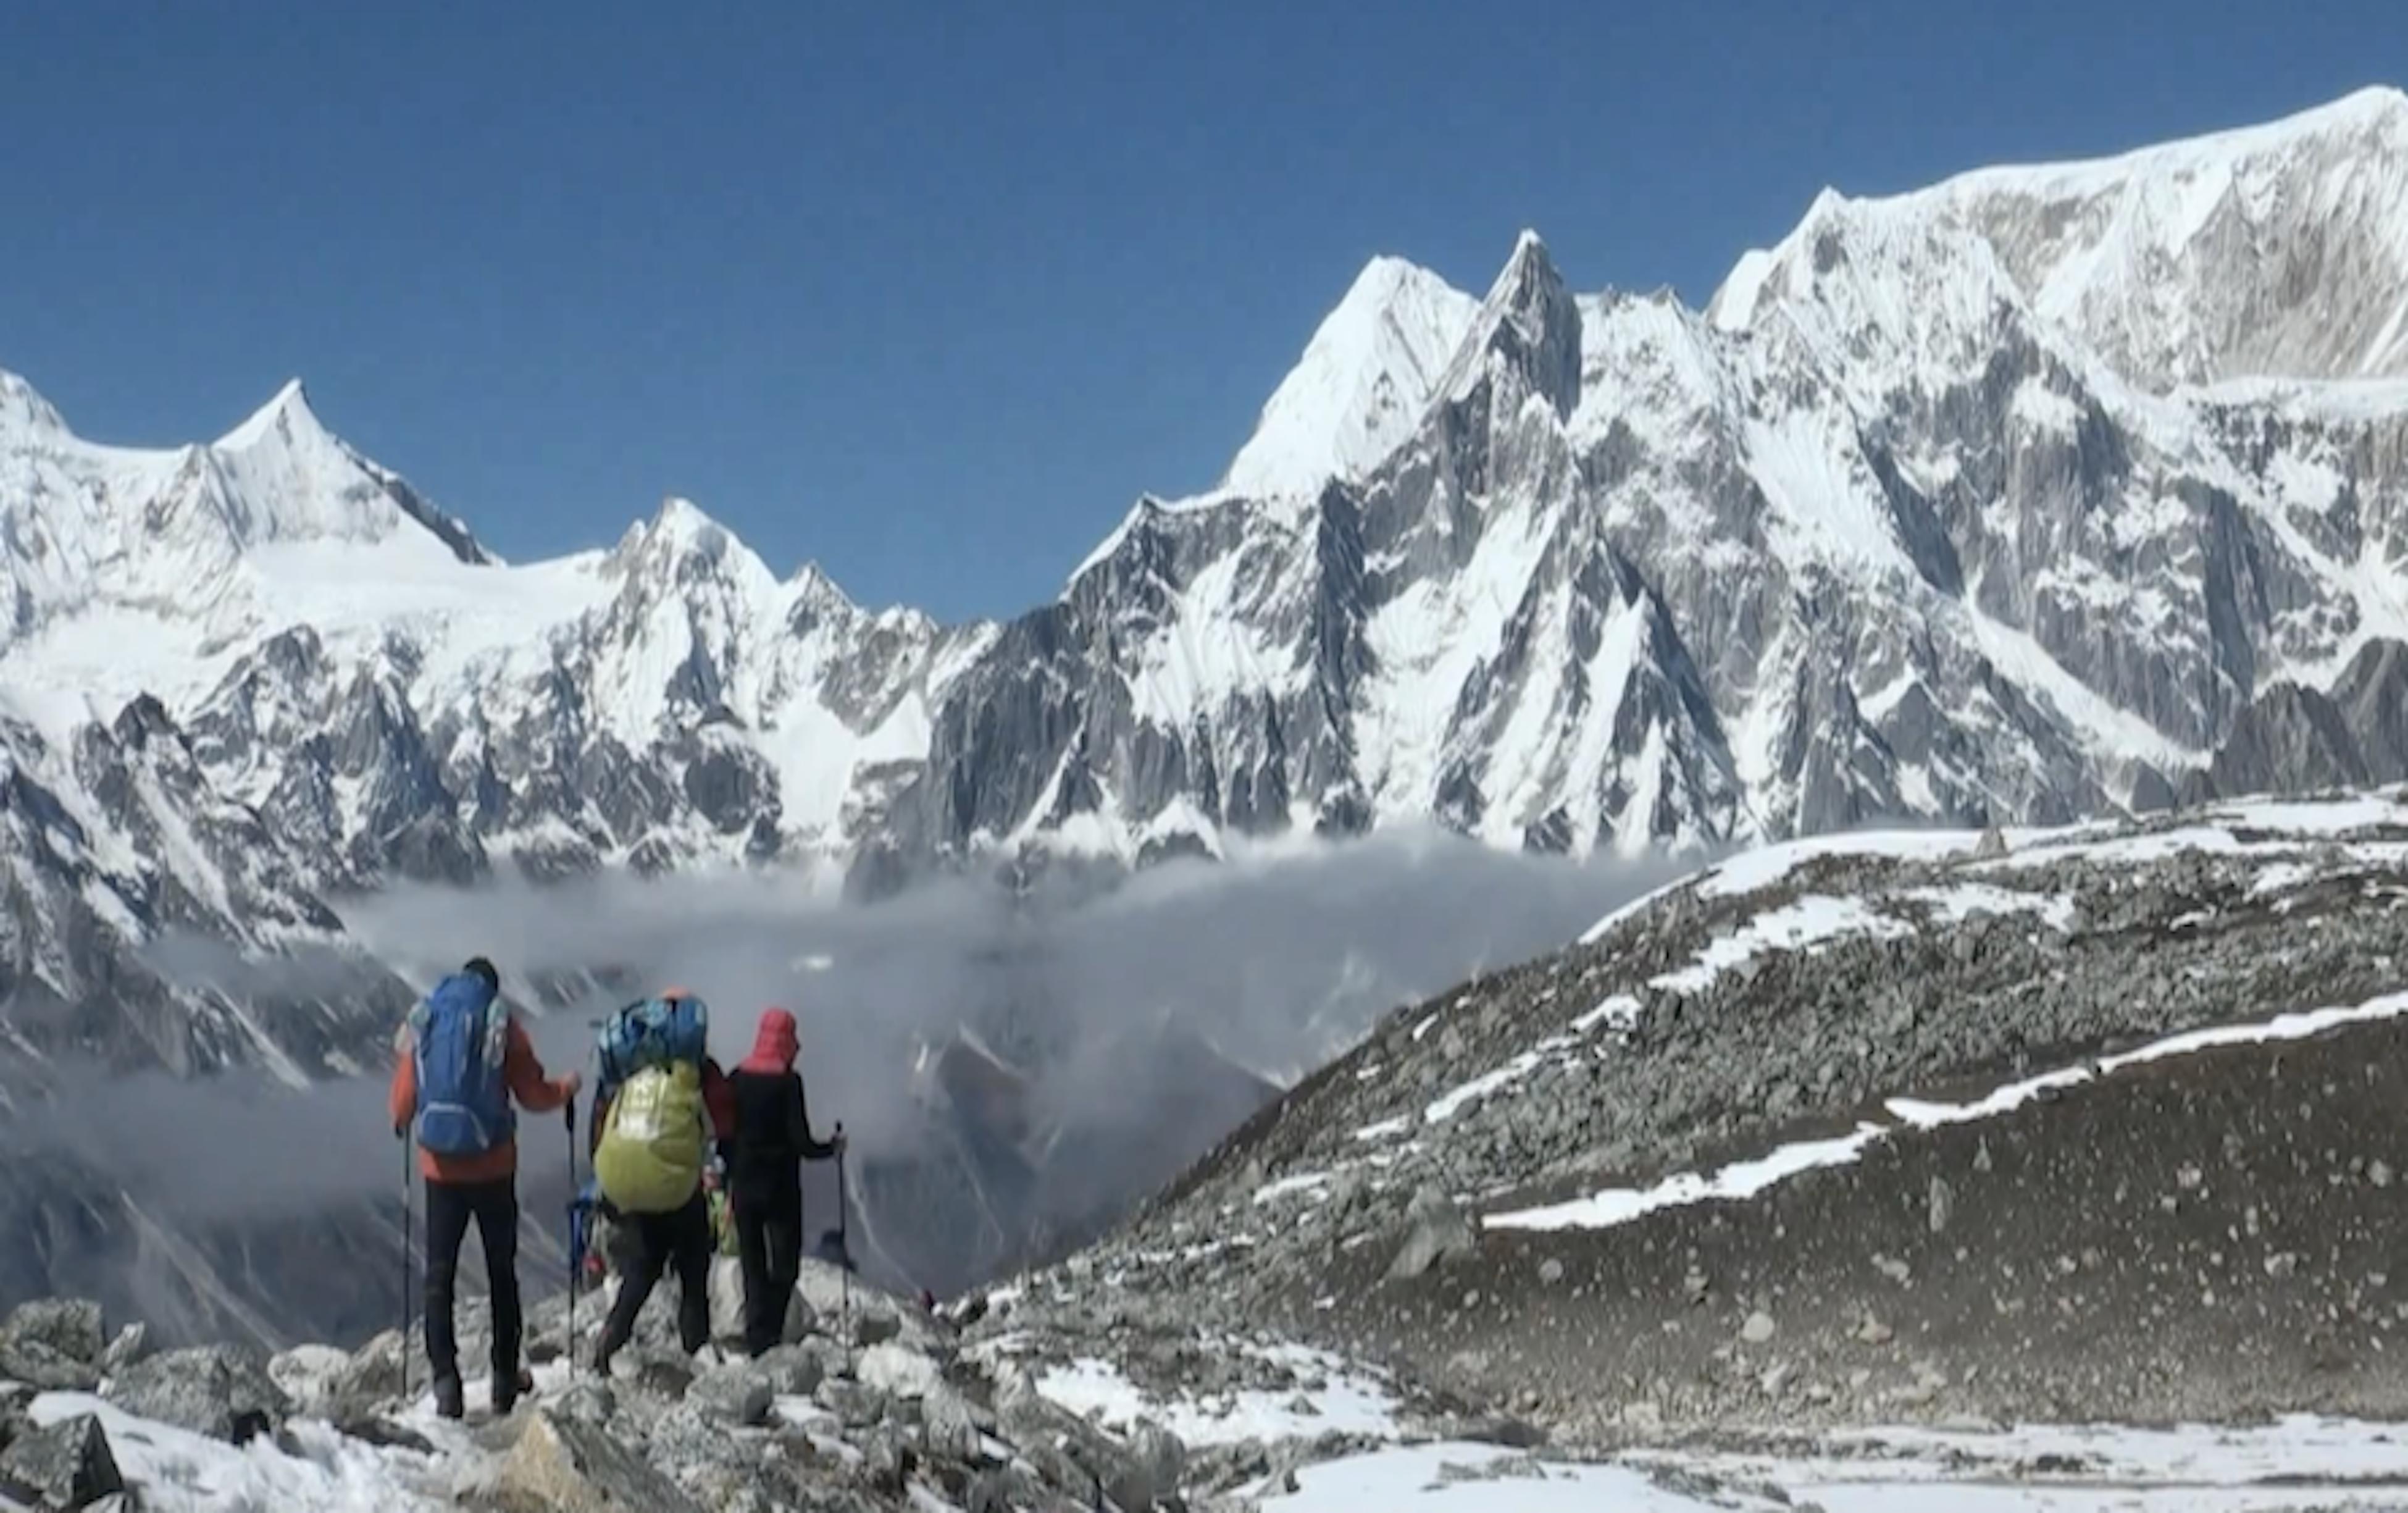 Trekking in Top 4 Base camp of Nepal Himalaya